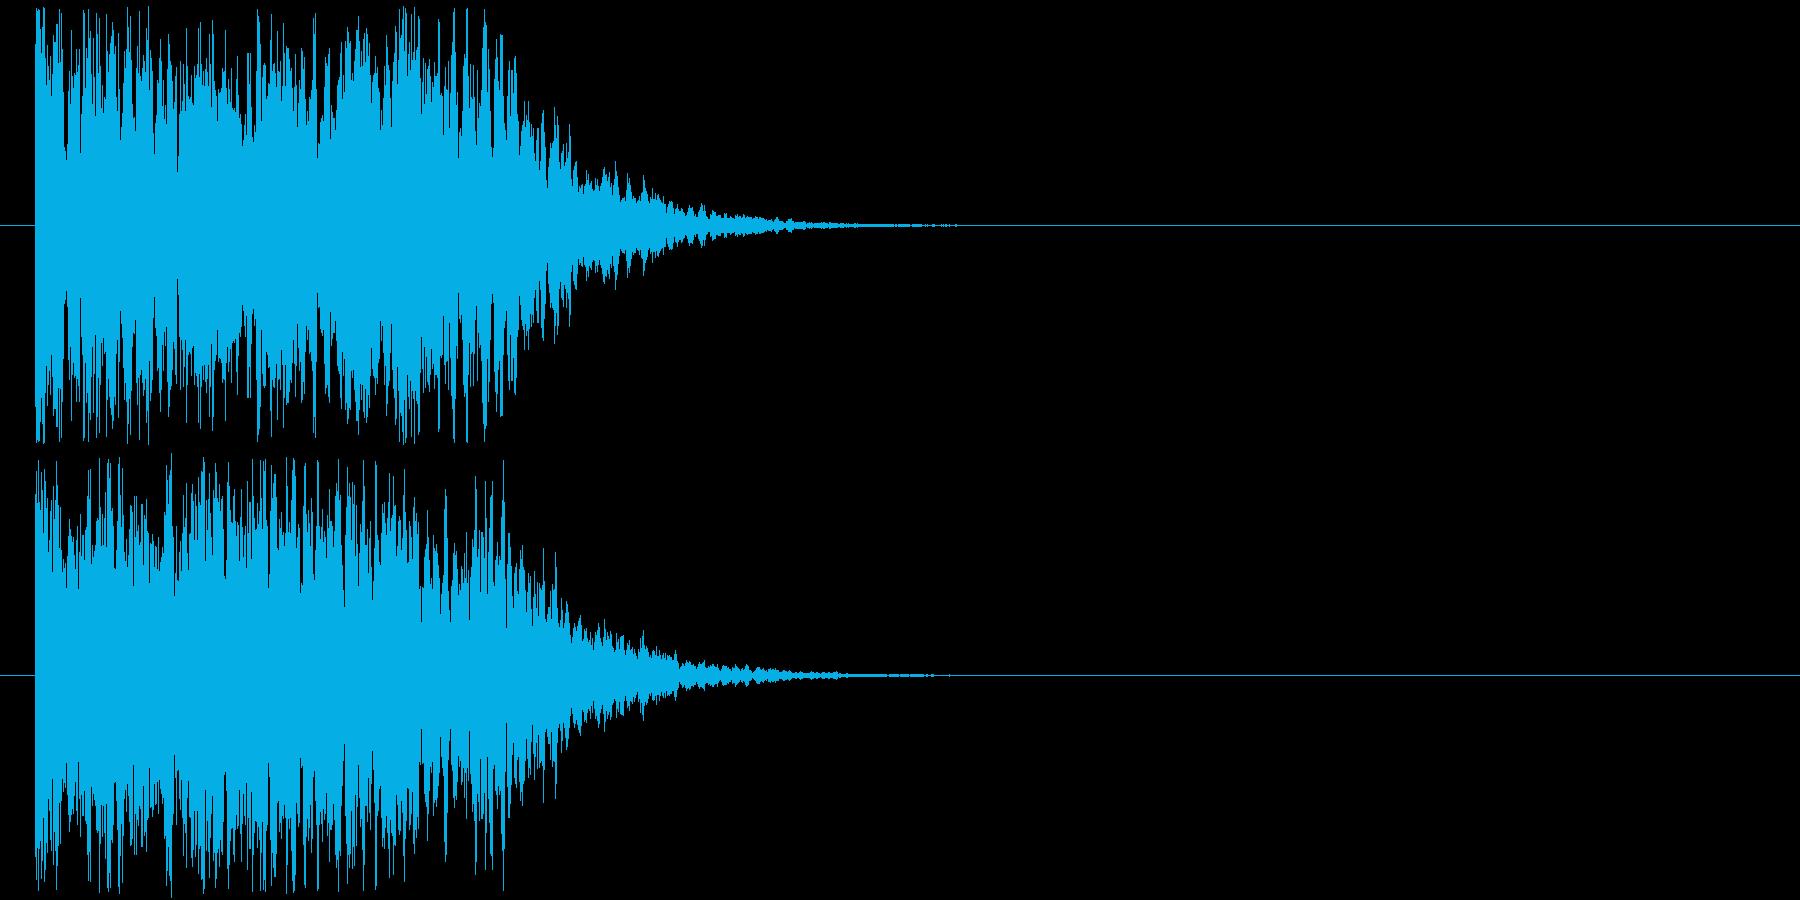 カキーンなインパクトSEの再生済みの波形